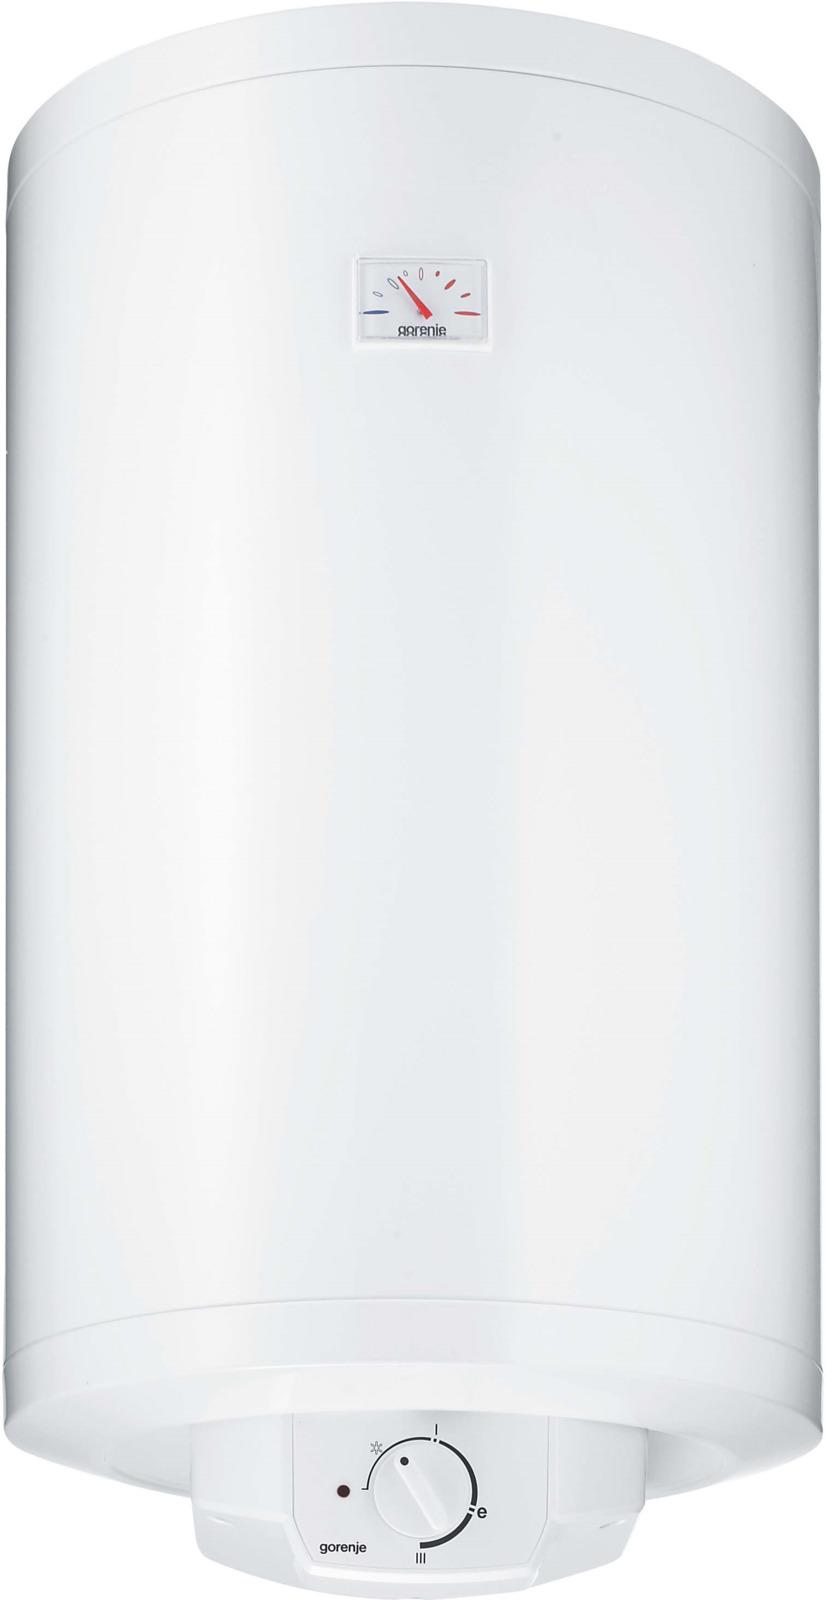 Водонагреватель накопительный электрический Gorenje GBF80B6, 80 л, белый цена в Москве и Питере